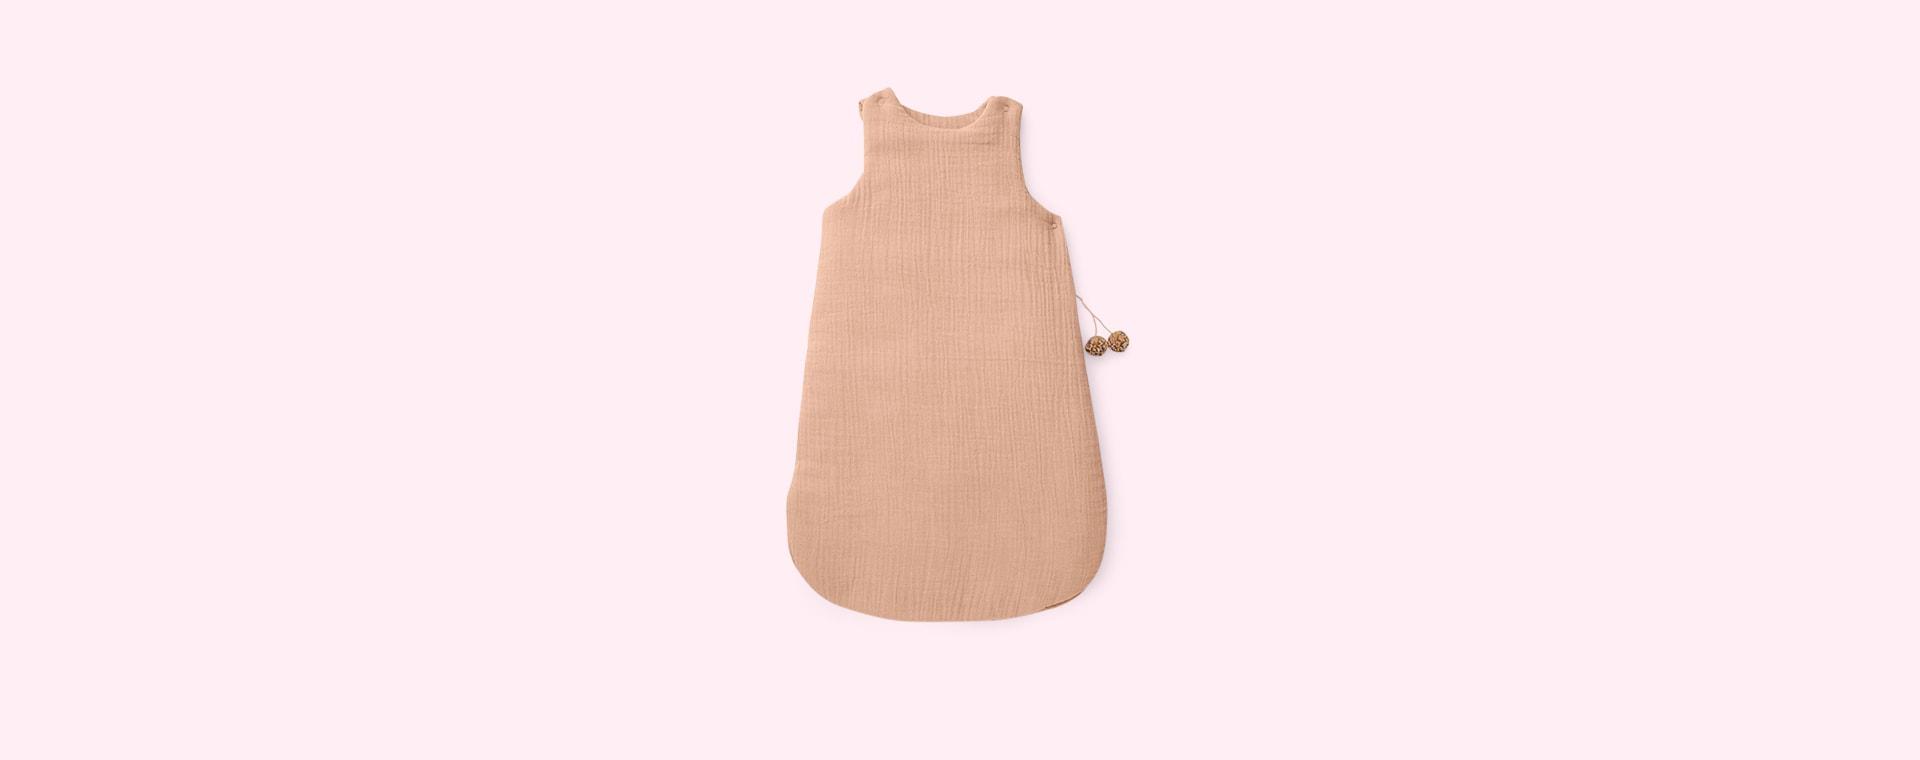 Rose Liewood Sleeping Bag